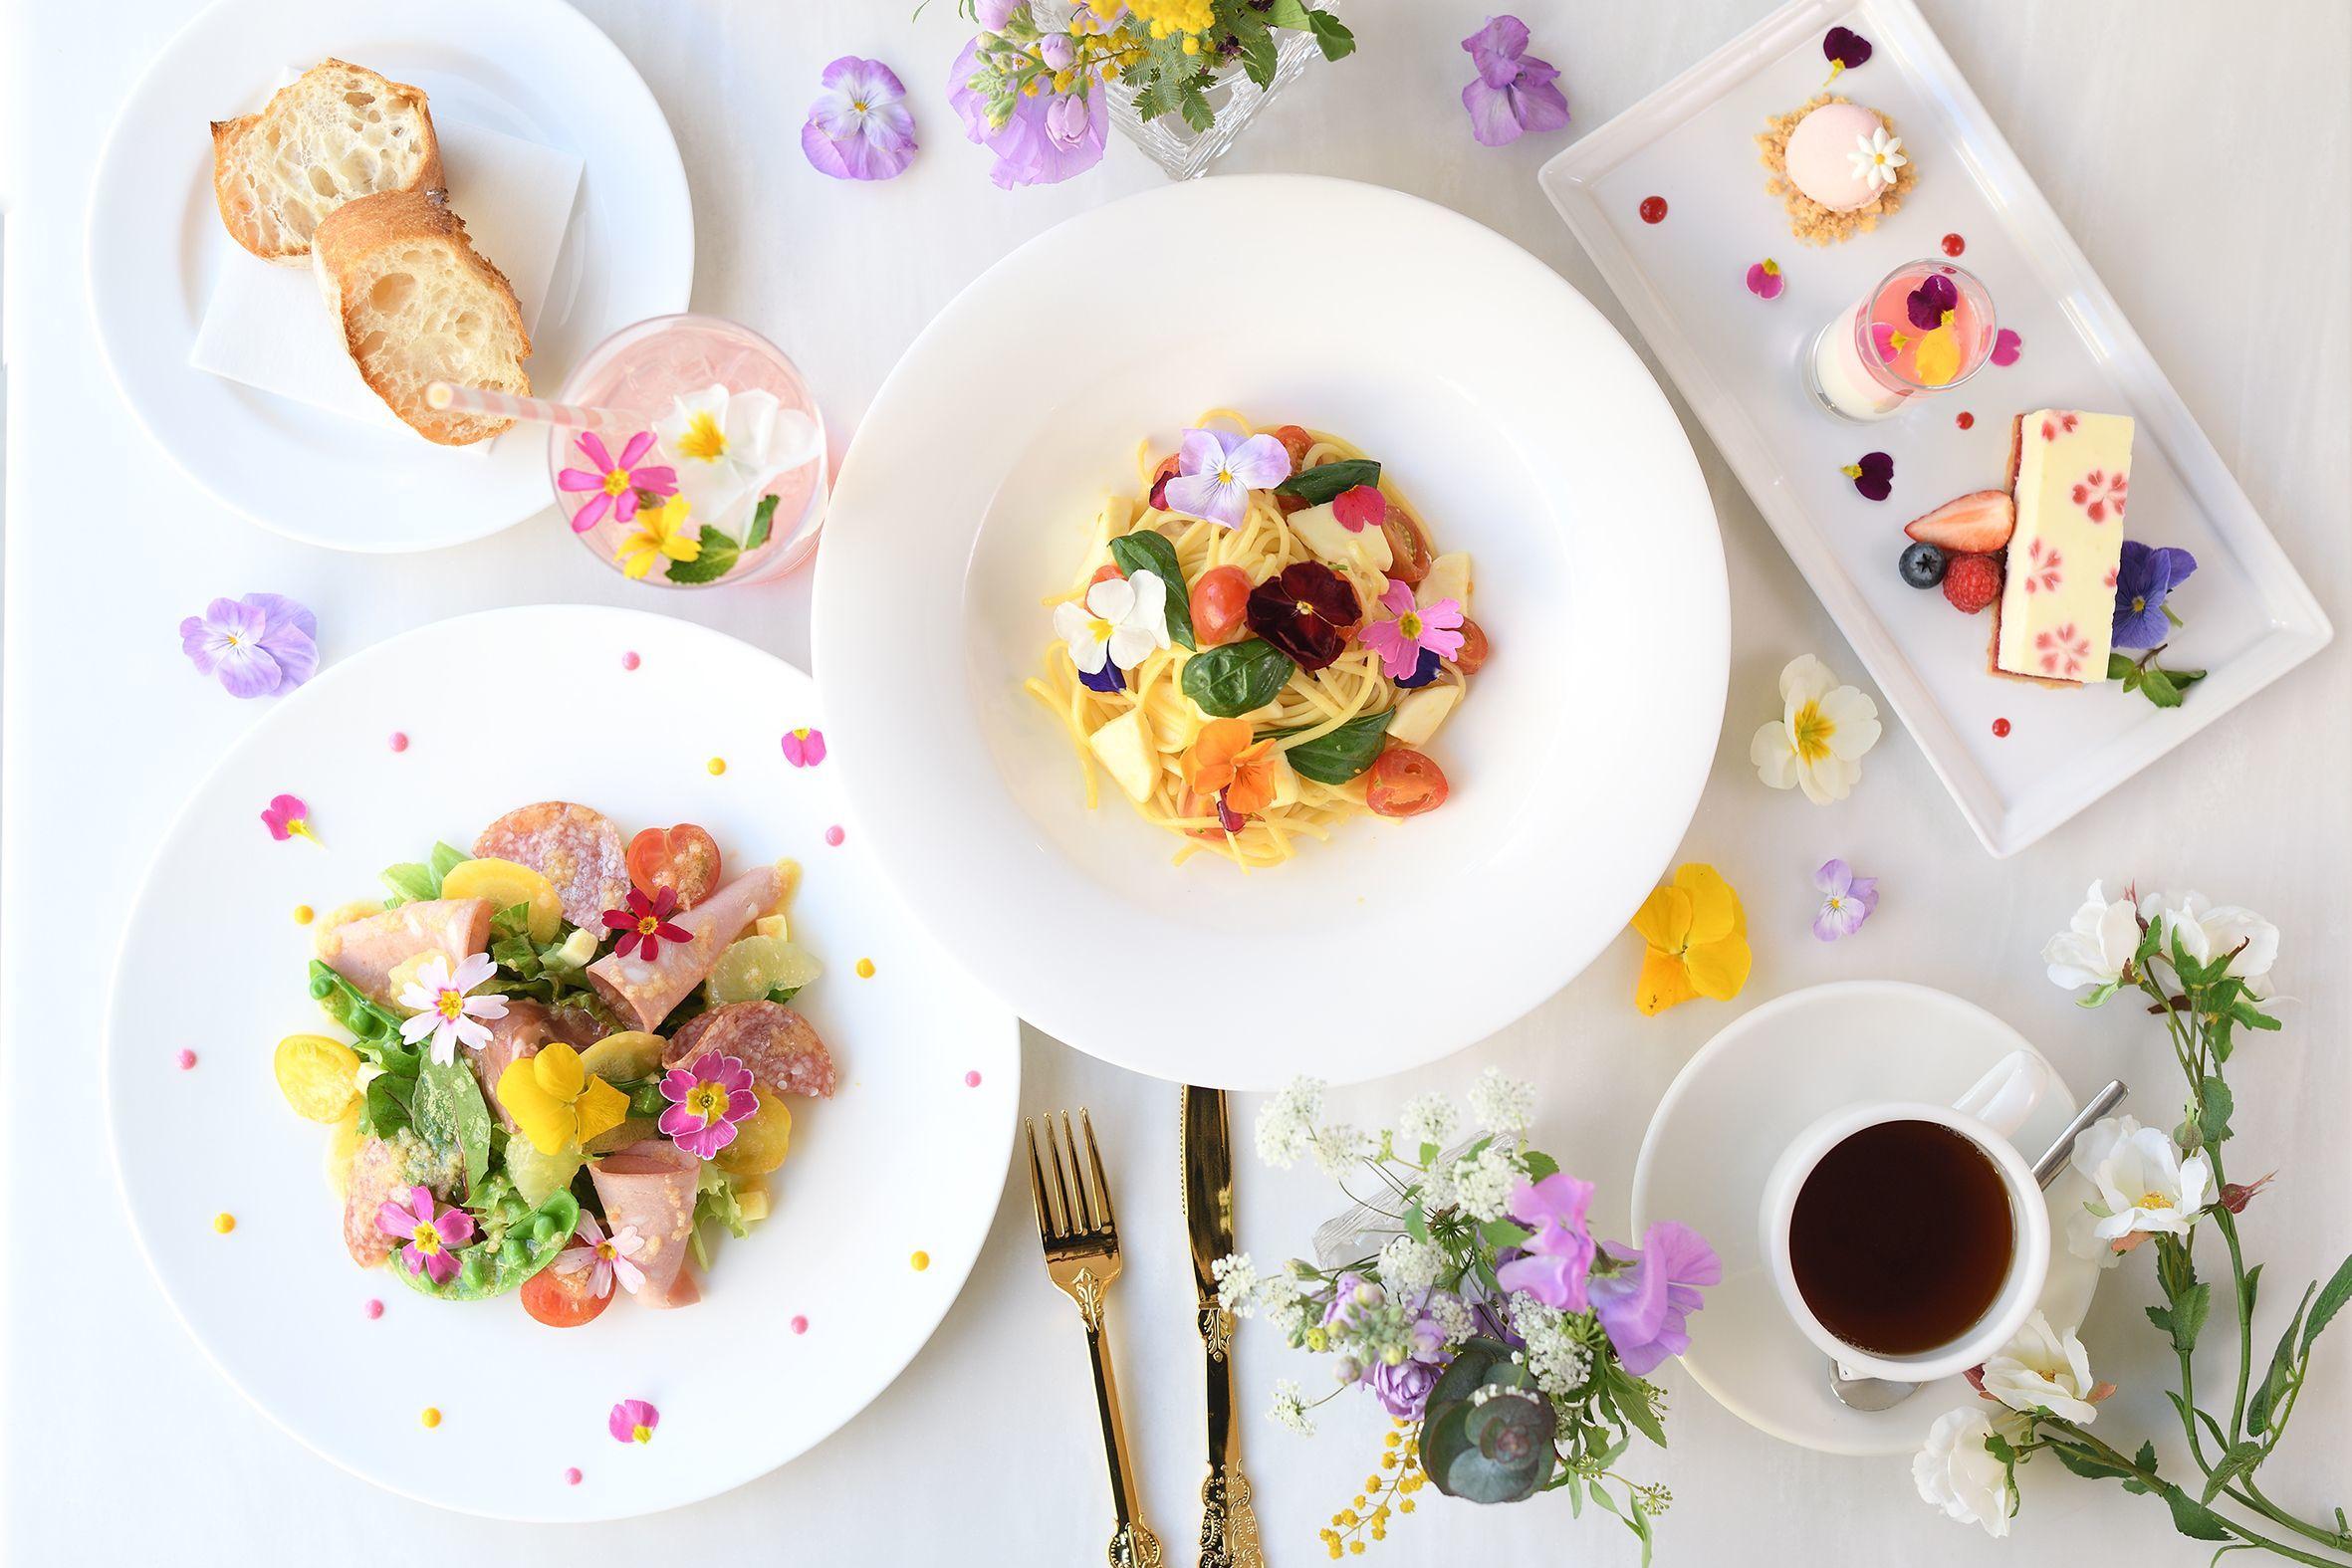 花満開、フォトジェニックなフラワーメニュー新登場 「Spring Flower Garden」開催!